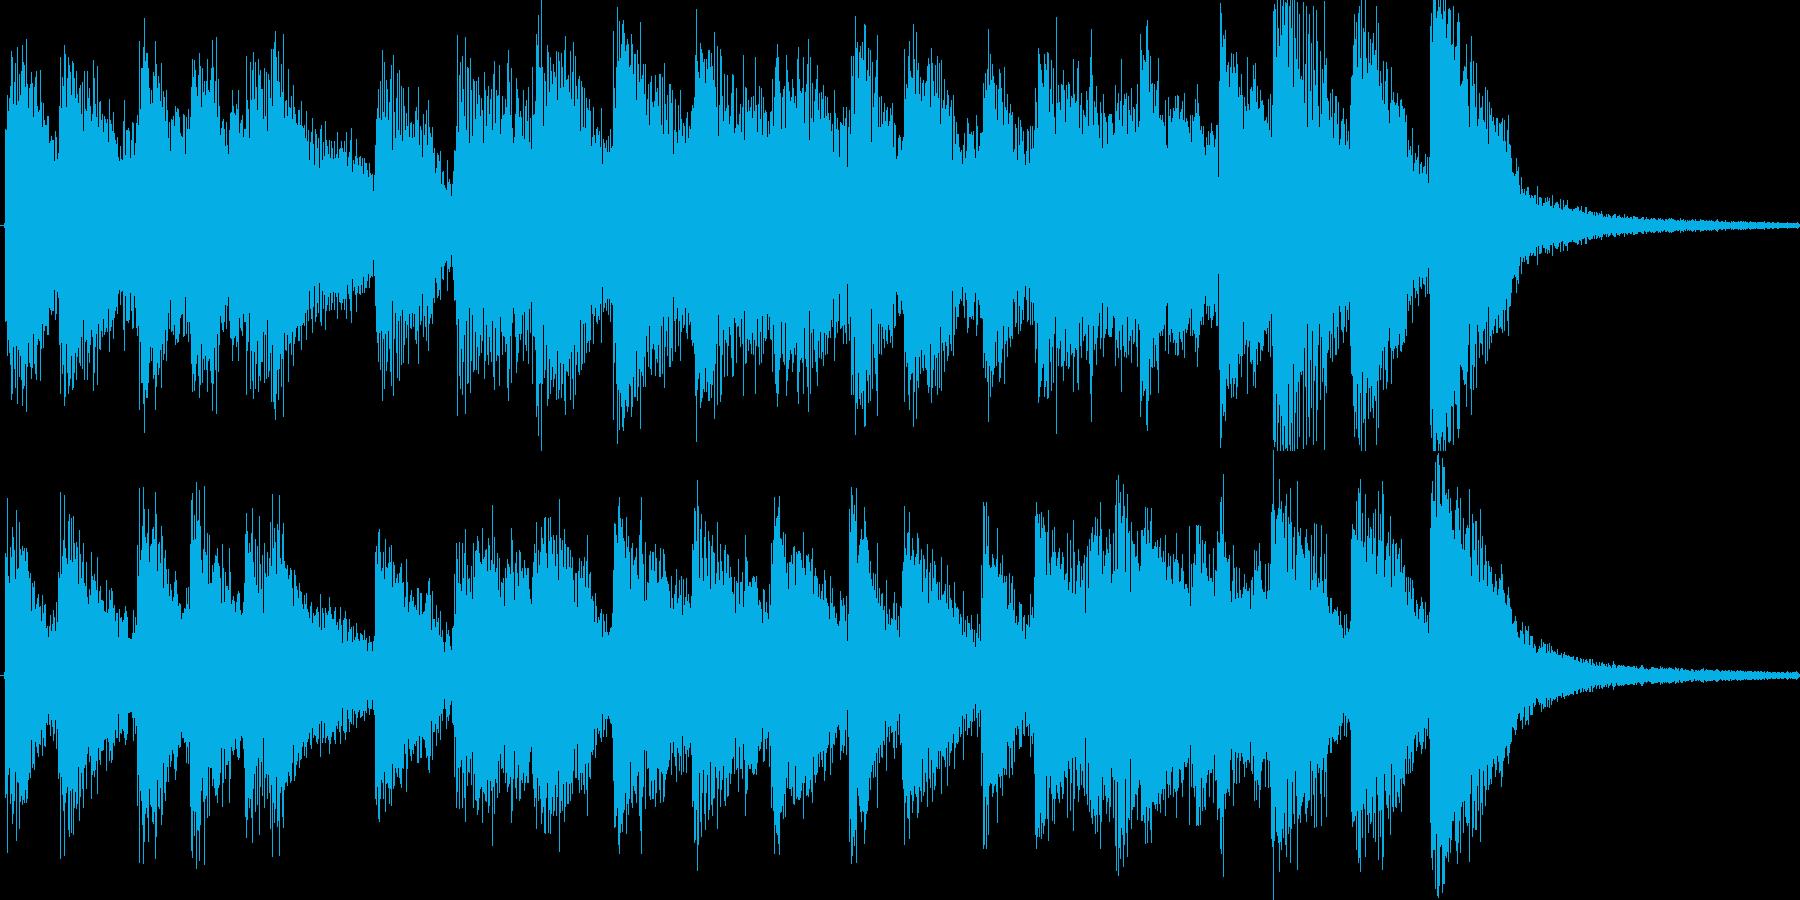 ニュース番組のオープニング等をイメージの再生済みの波形